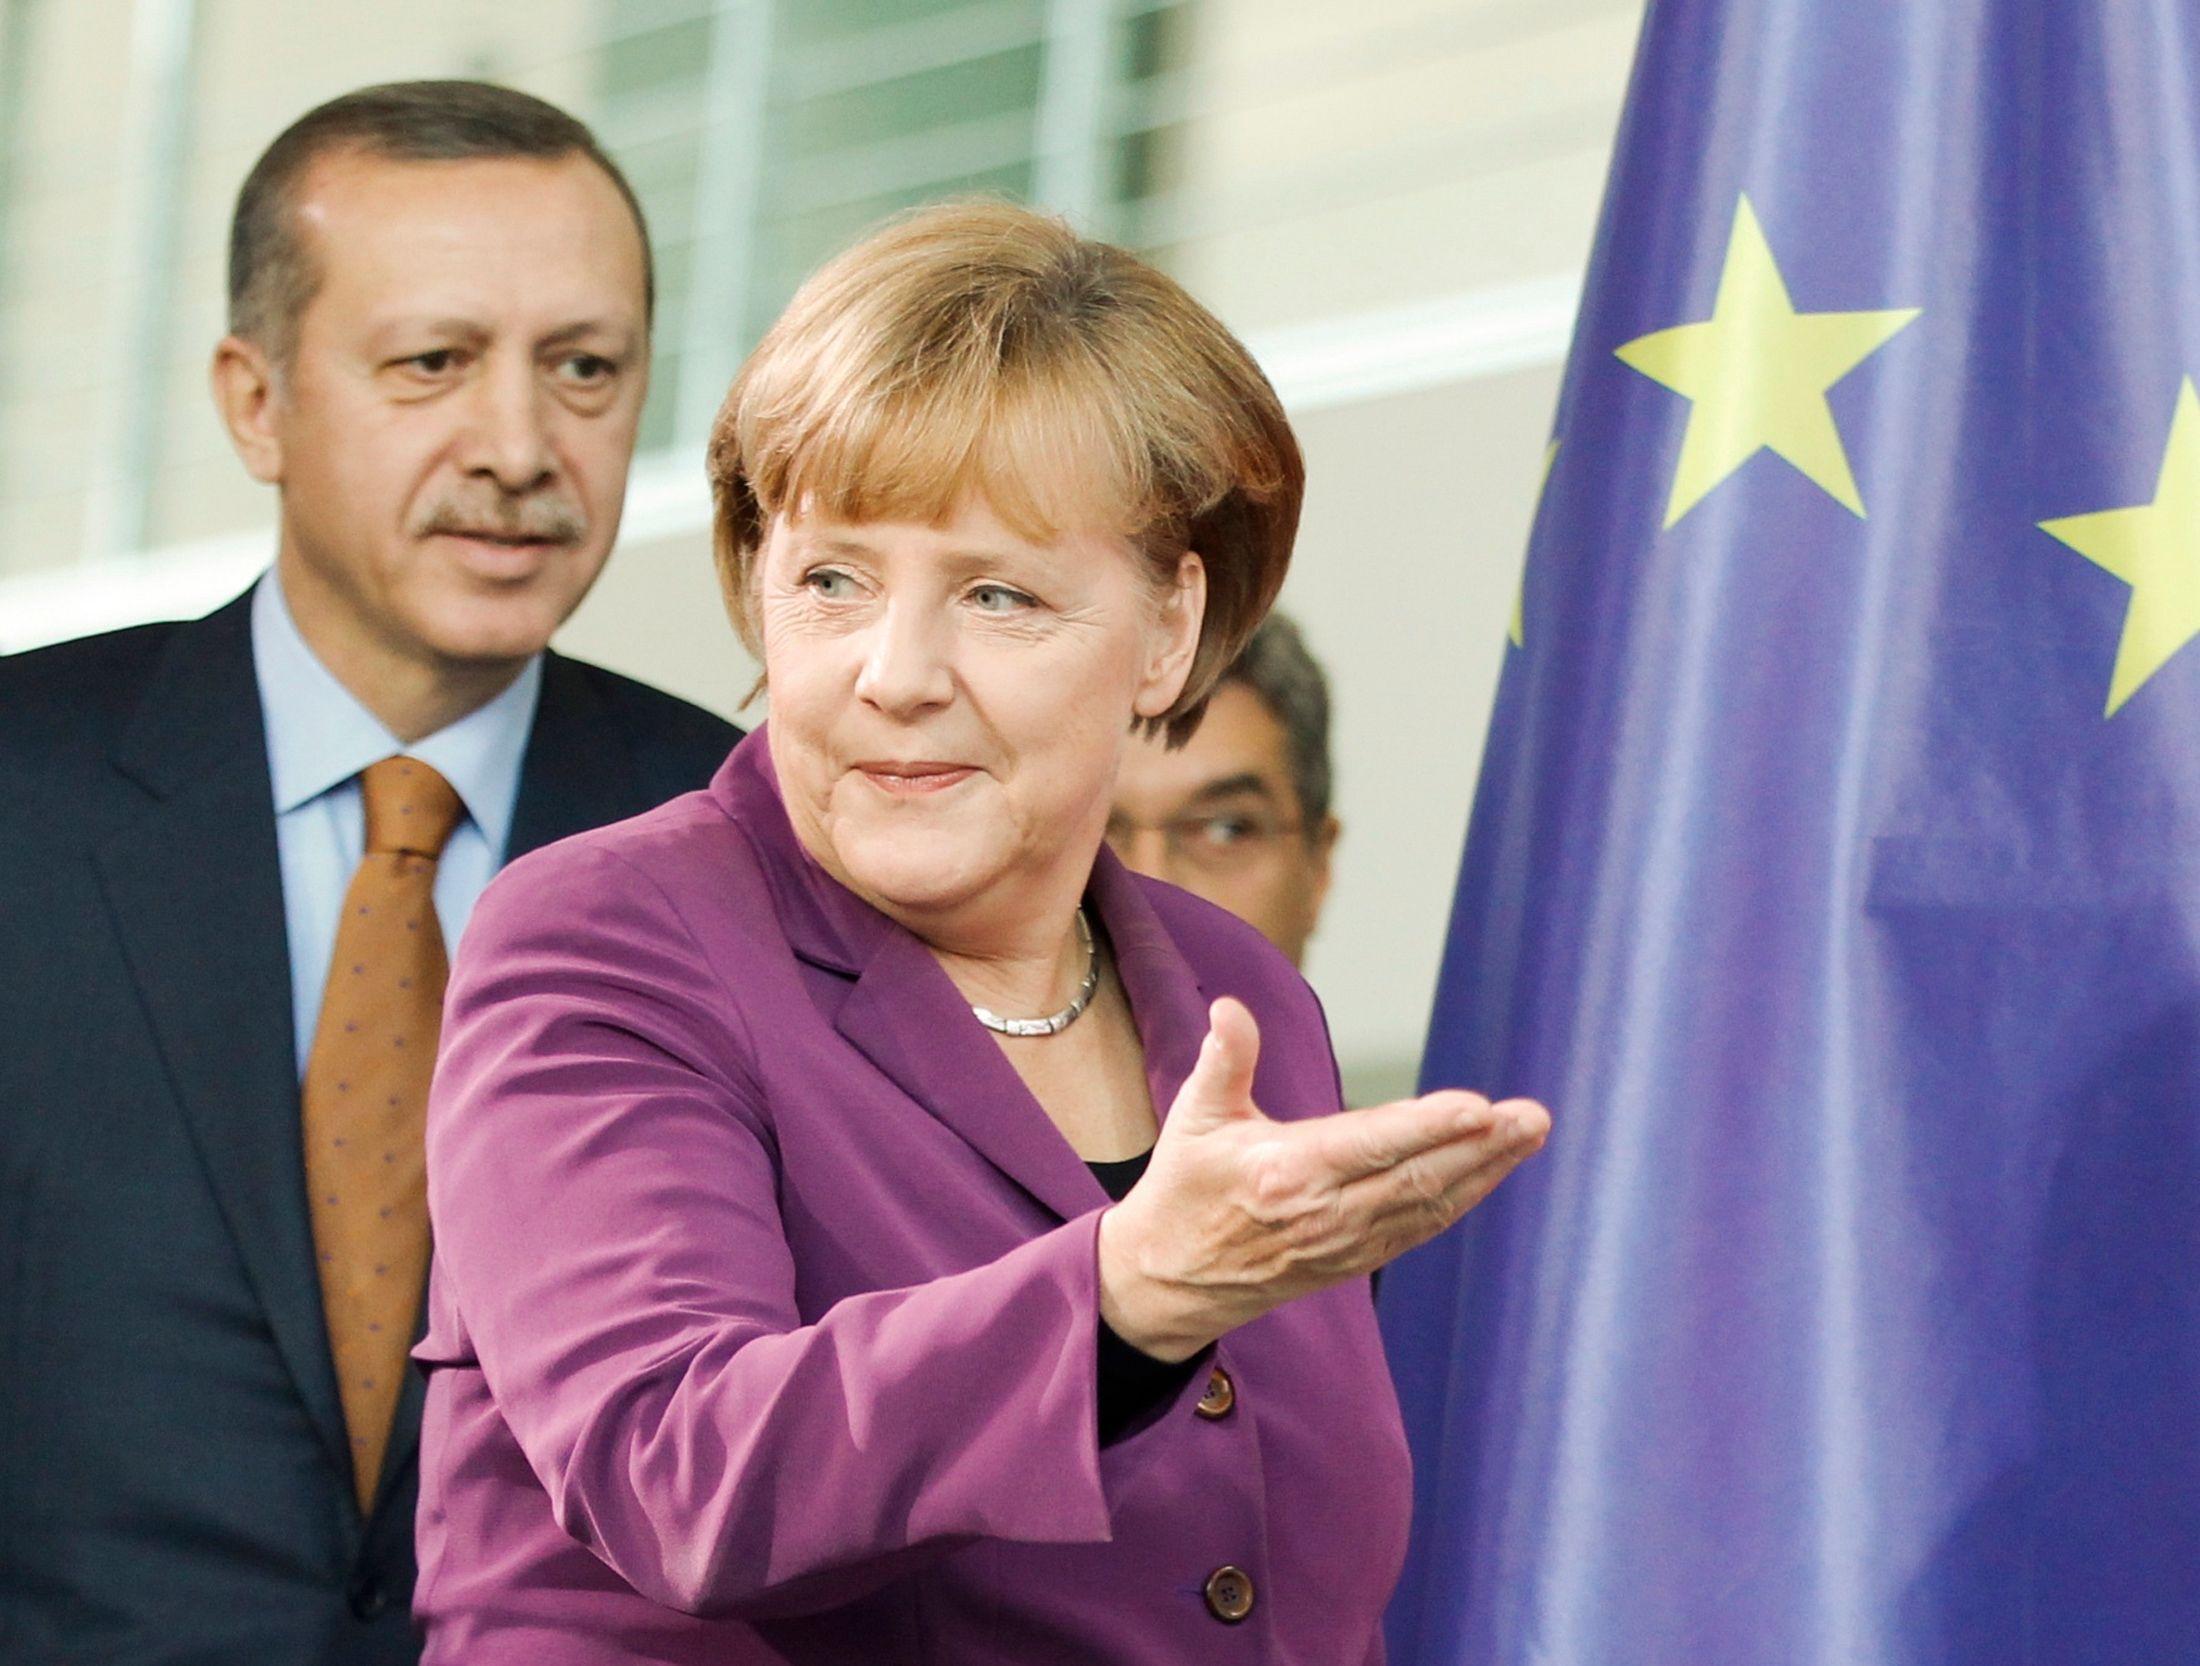 L'euro pouvait faire concurrence au dollar, il fallait donc que la banque centrale européenne fût à l'image de la Bundesbank, permettant par là l'industrie financière américaine de mieux conserver son influence.